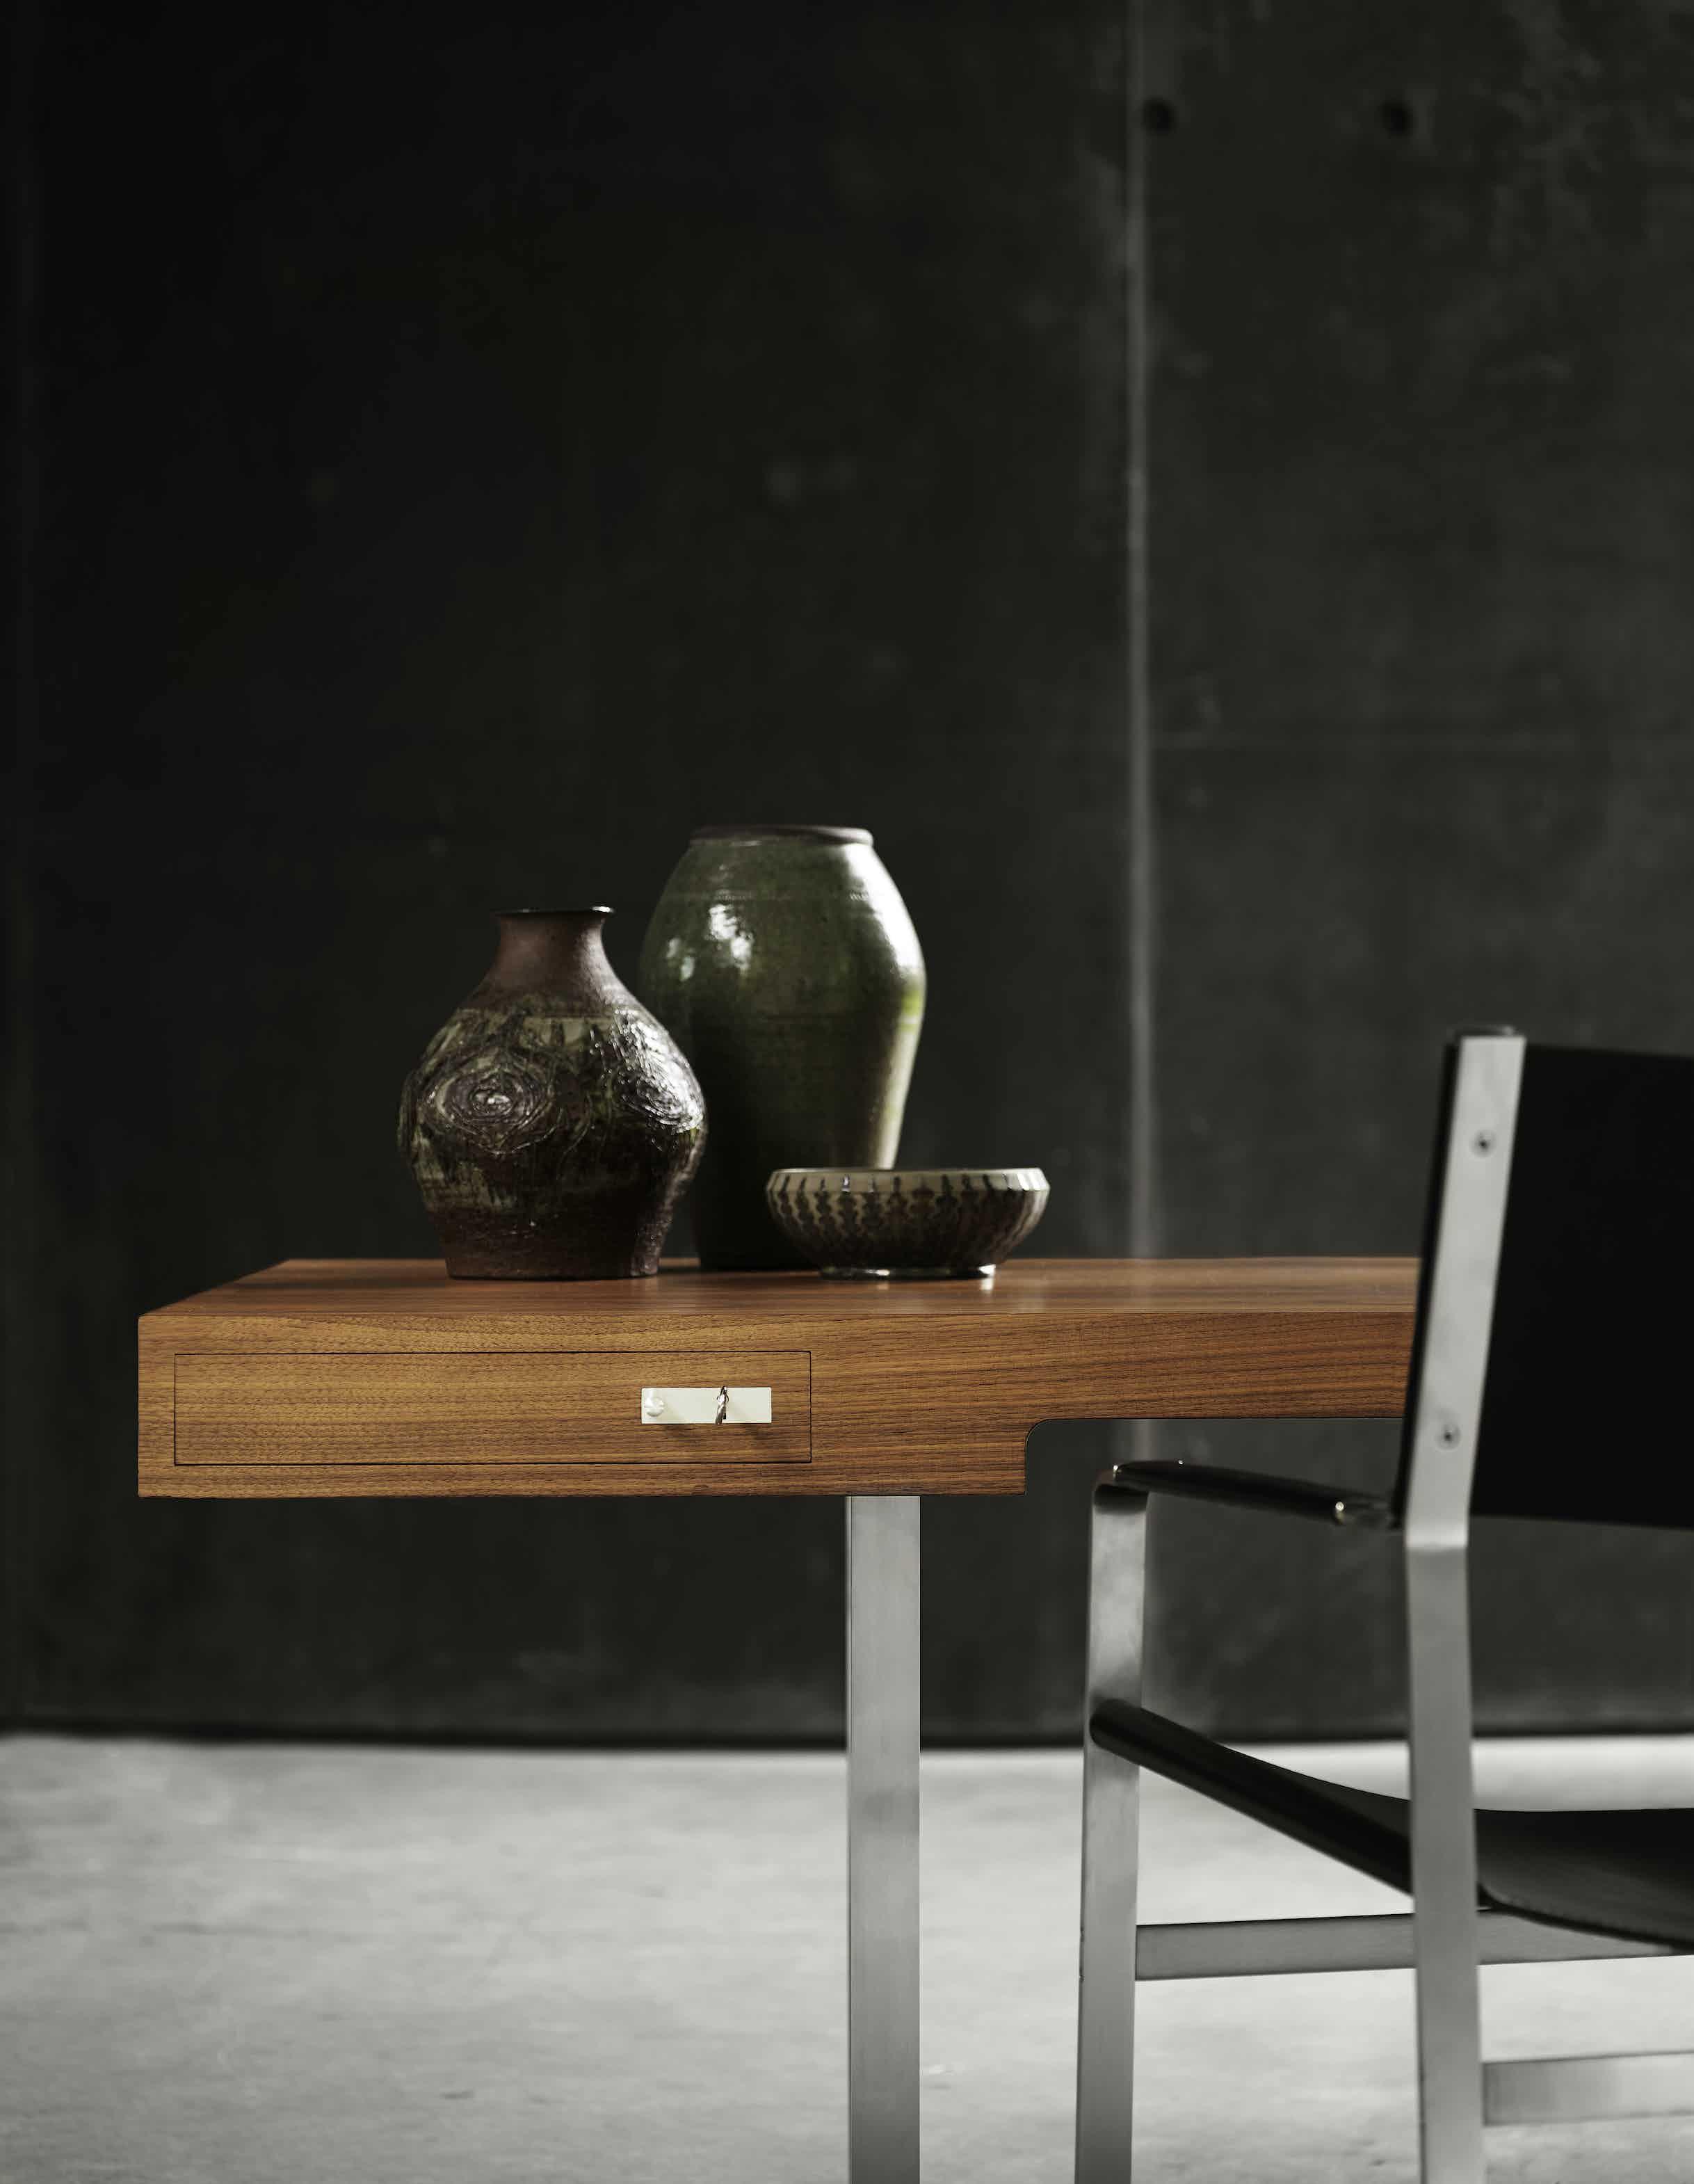 Carl-hansen-son-close-up-ch110-institu-haute-living